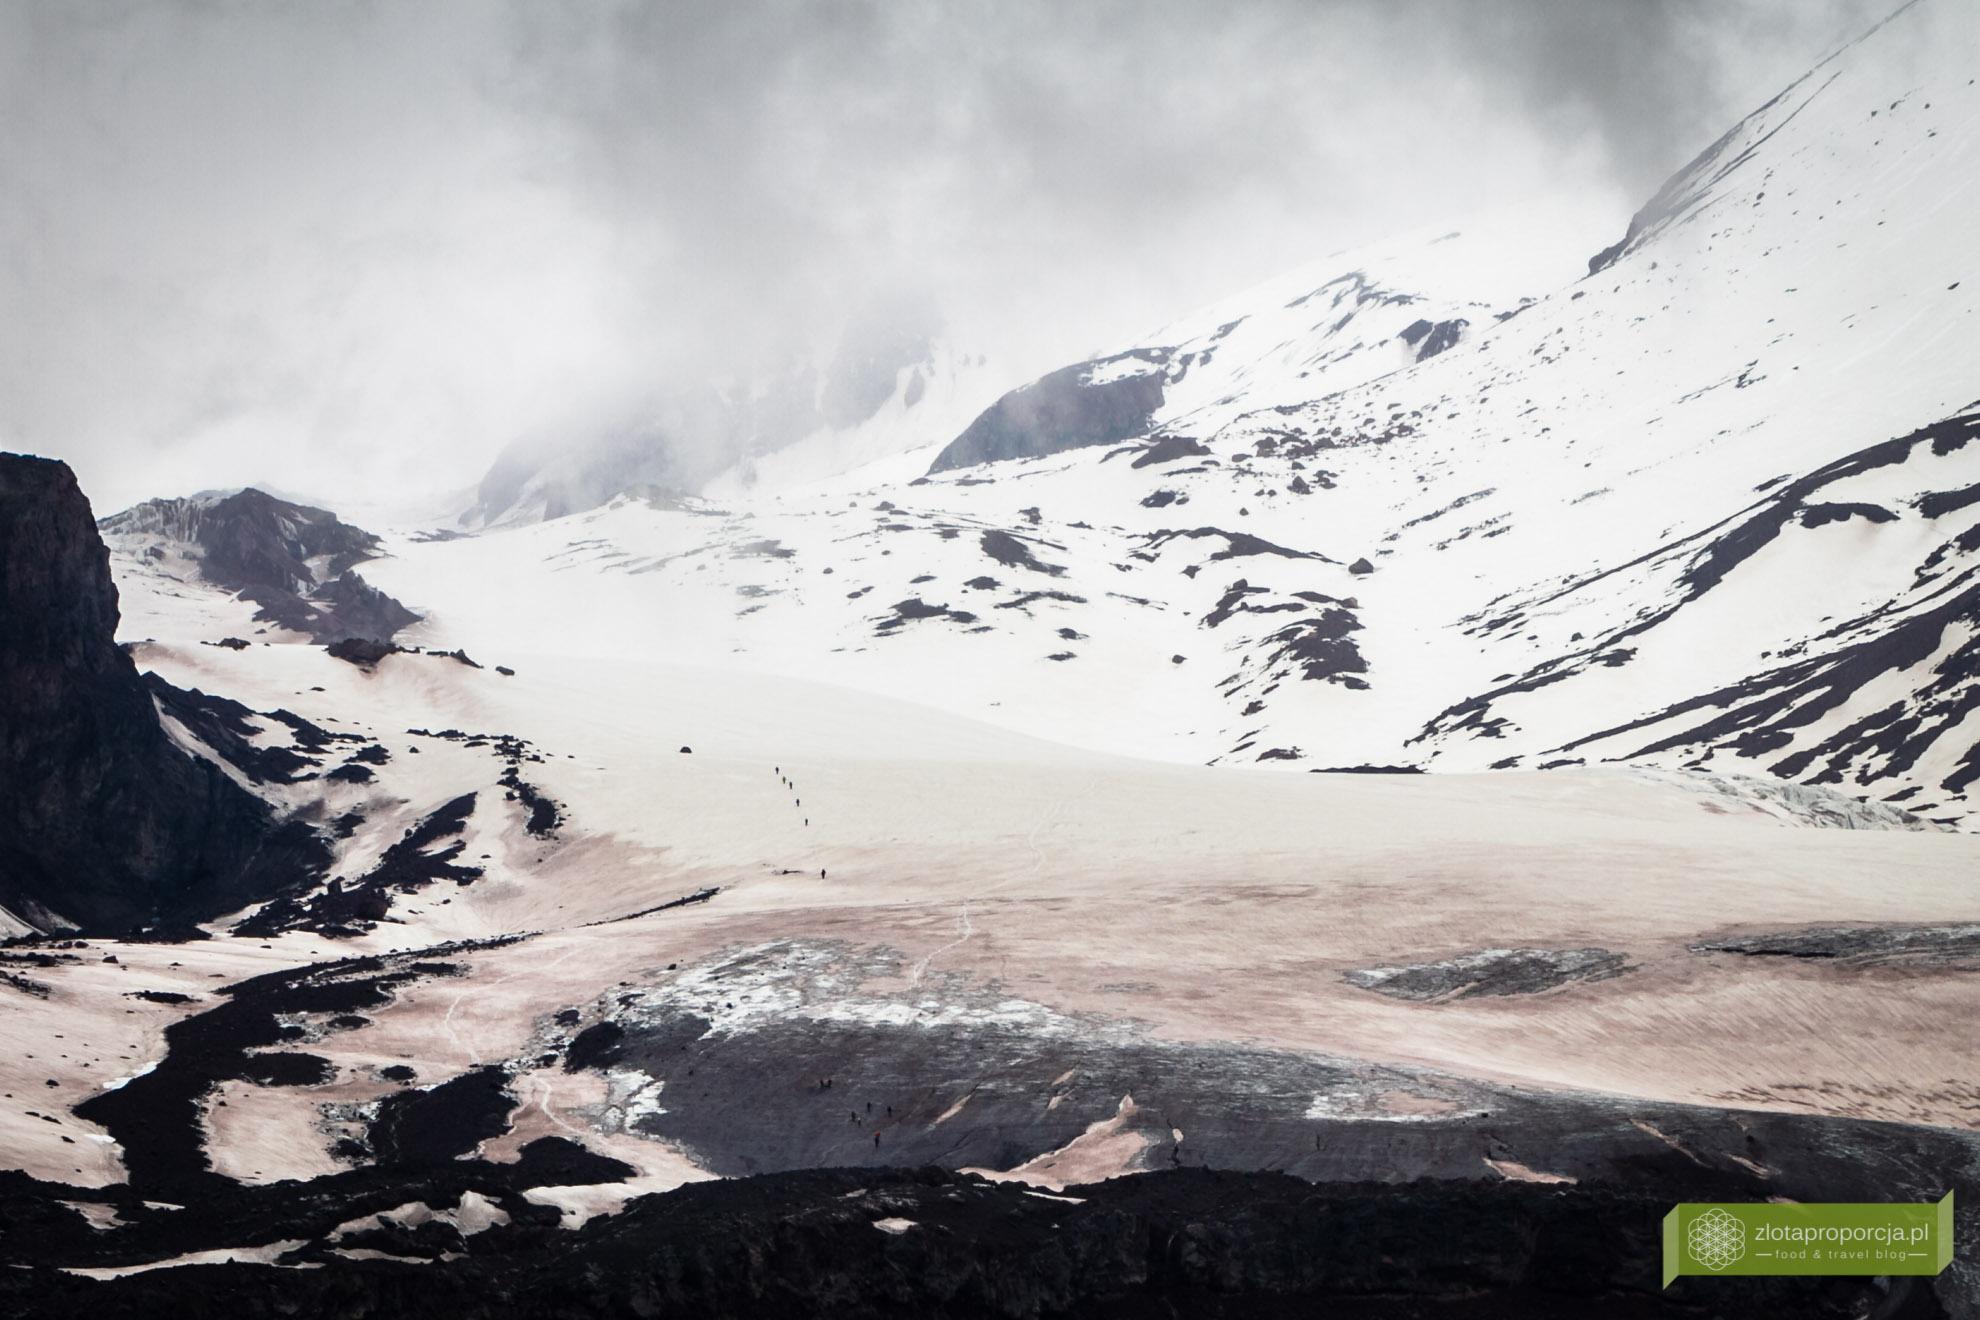 Kazbegi, Gruzja, trekking w Gruzji, atrakcje w Gruzji, Kazbek, lodowiec Gergeti